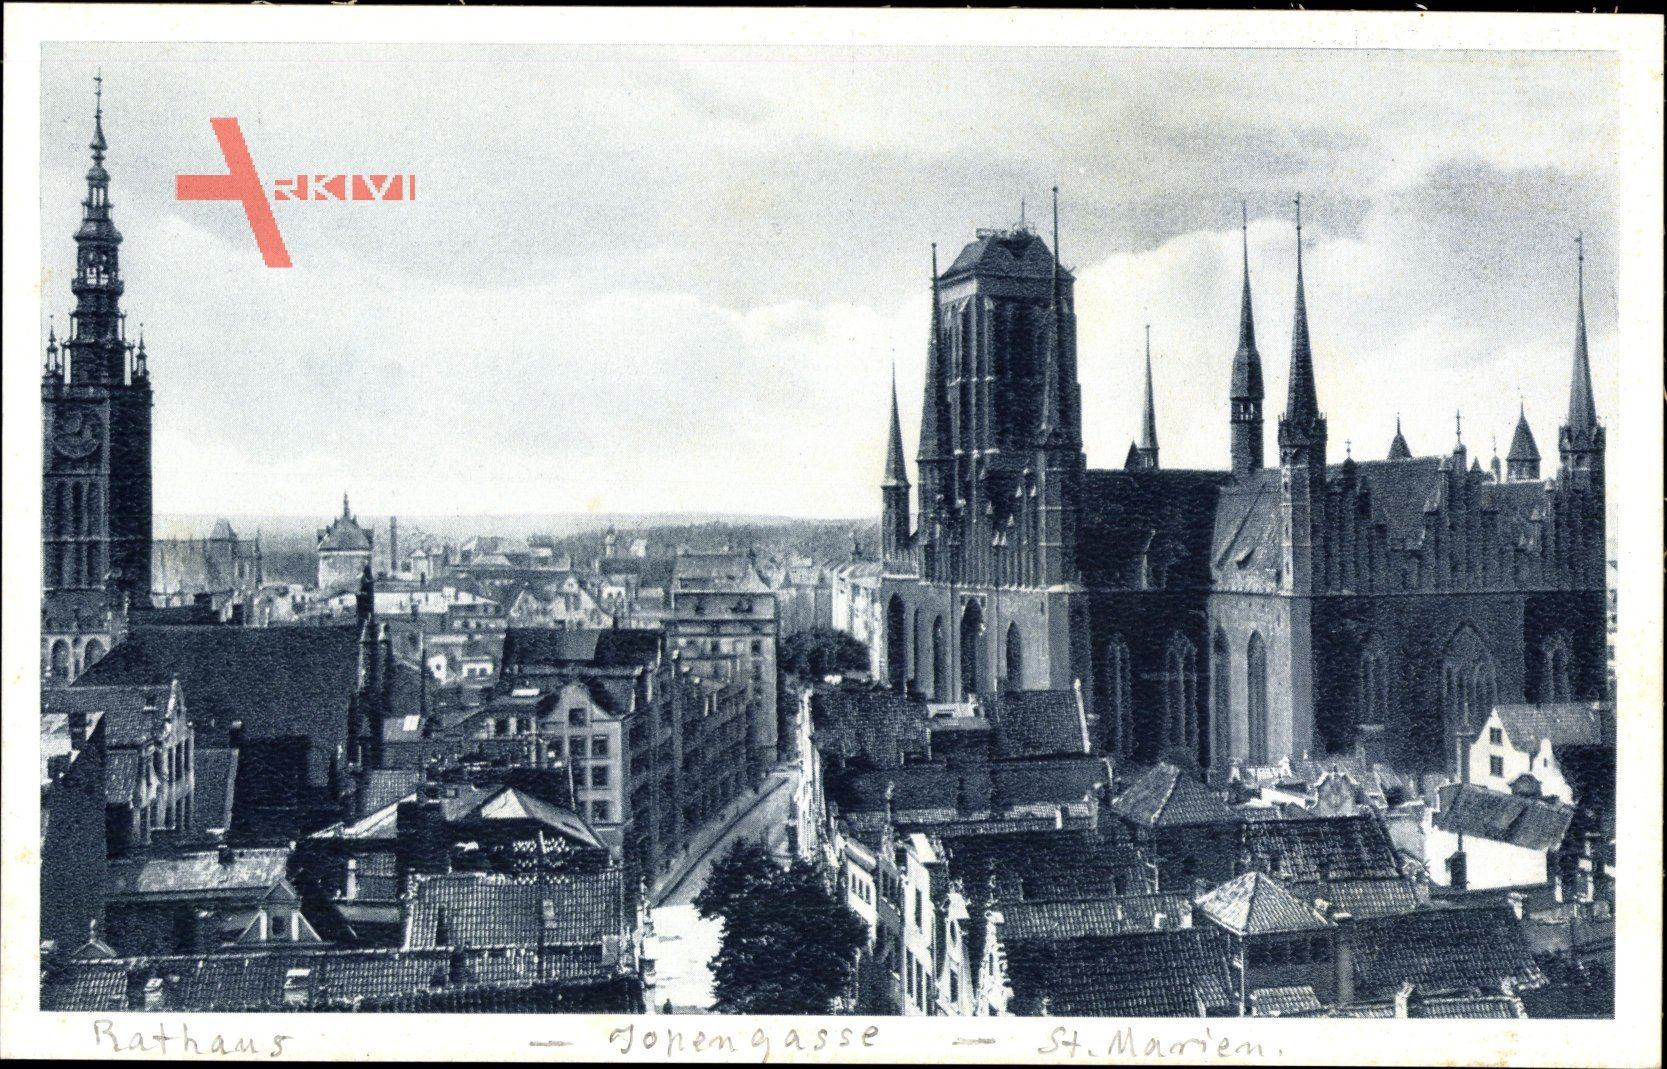 Gdańsk Danzig, Blick auf den Ort mit Rathaus, St. Marienkirche, Häuser